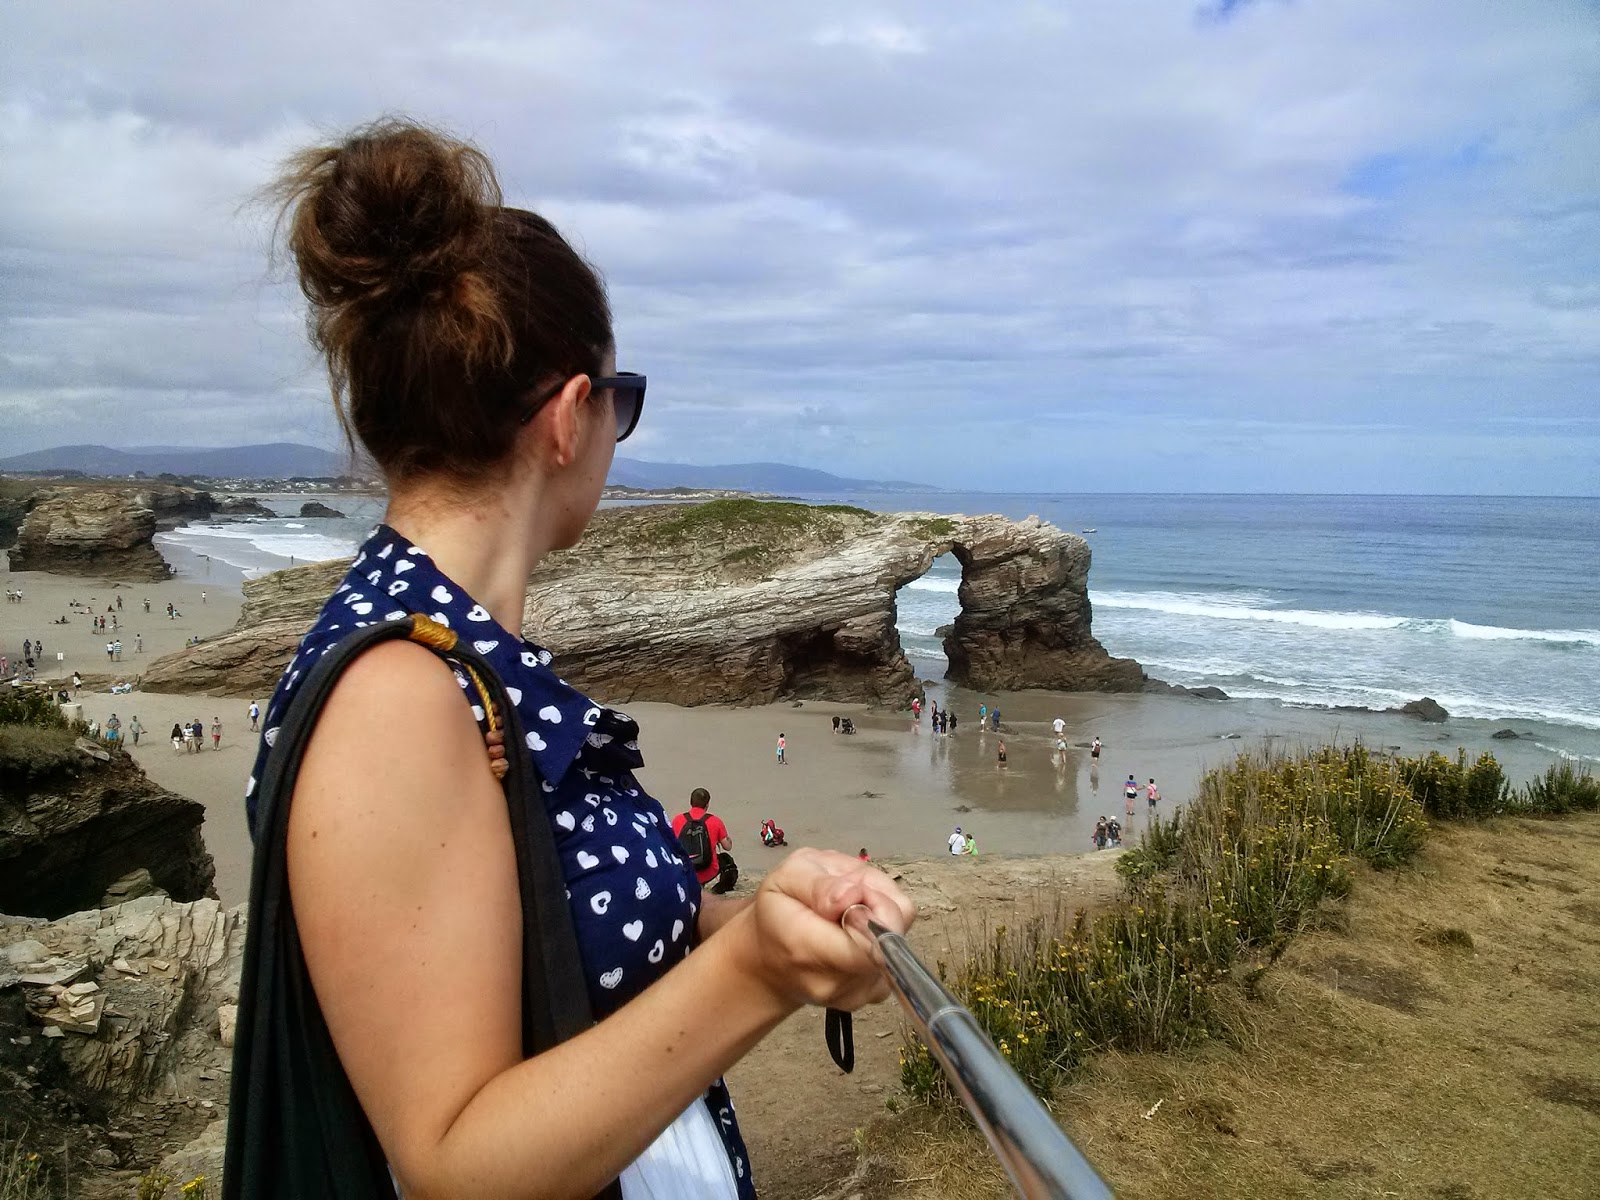 La playa de las catedrales en Galicia. Palo selfies